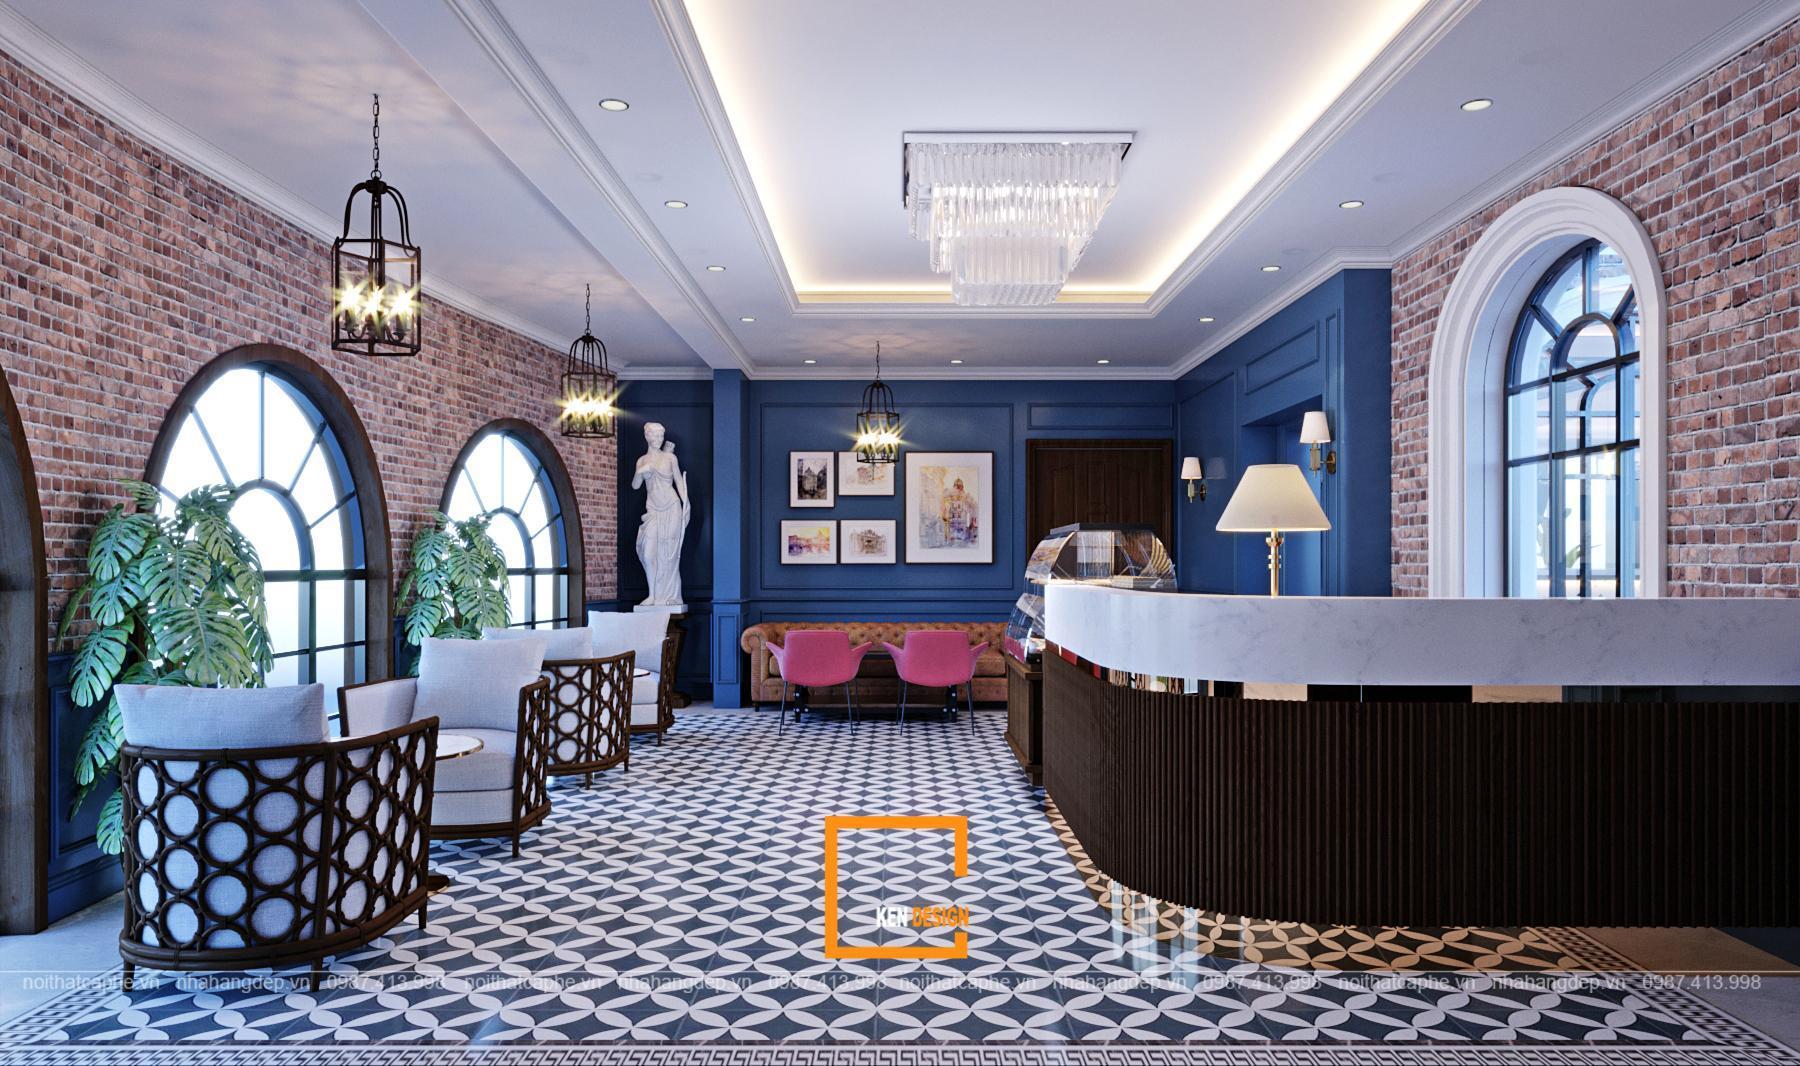 Tư vấn thiết kế quán cafe tân cổ điển – Vẻ đẹp vượt thời gian